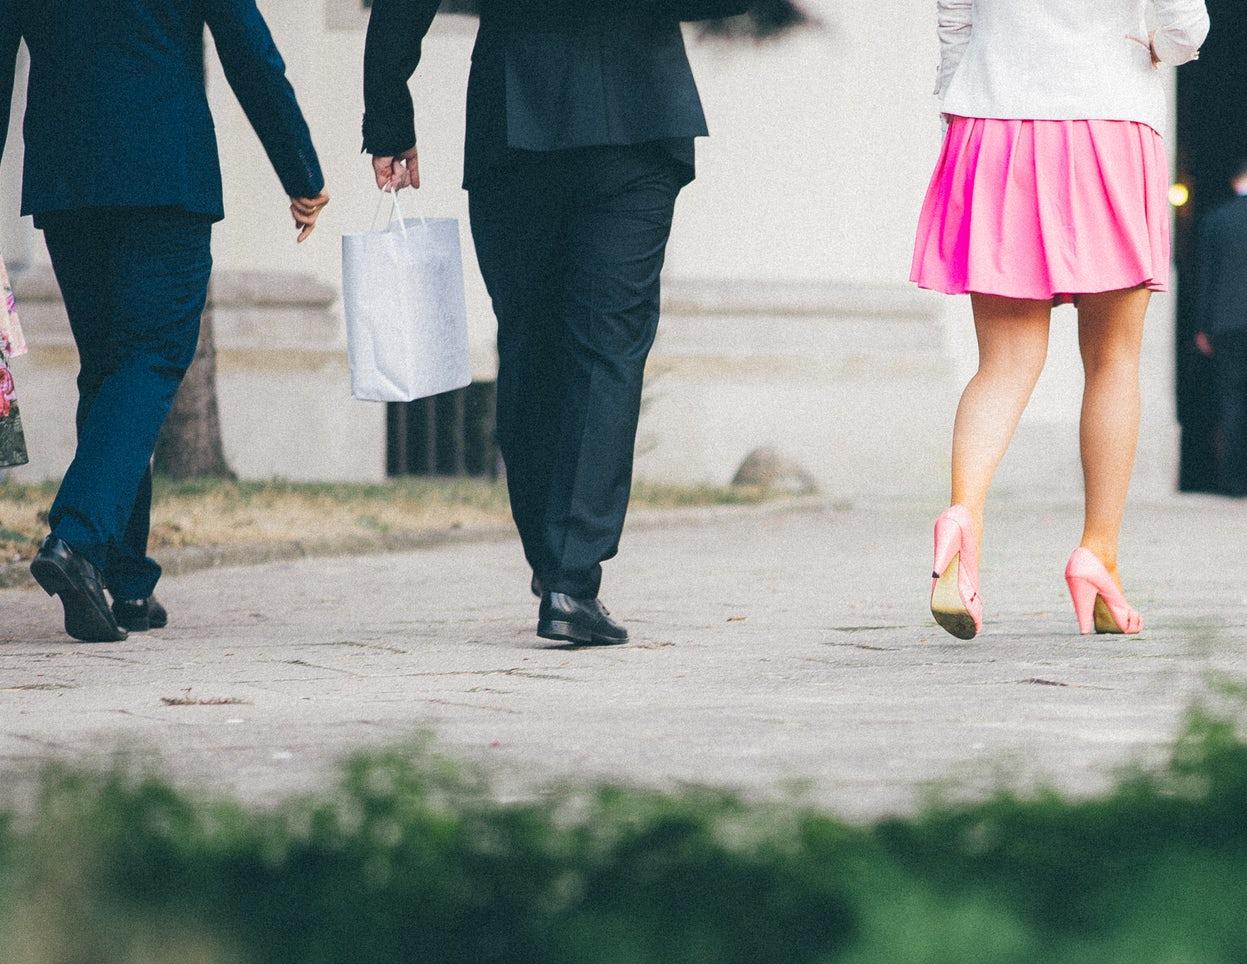 נעליים: נעלי עקב או נעלי חליפה?